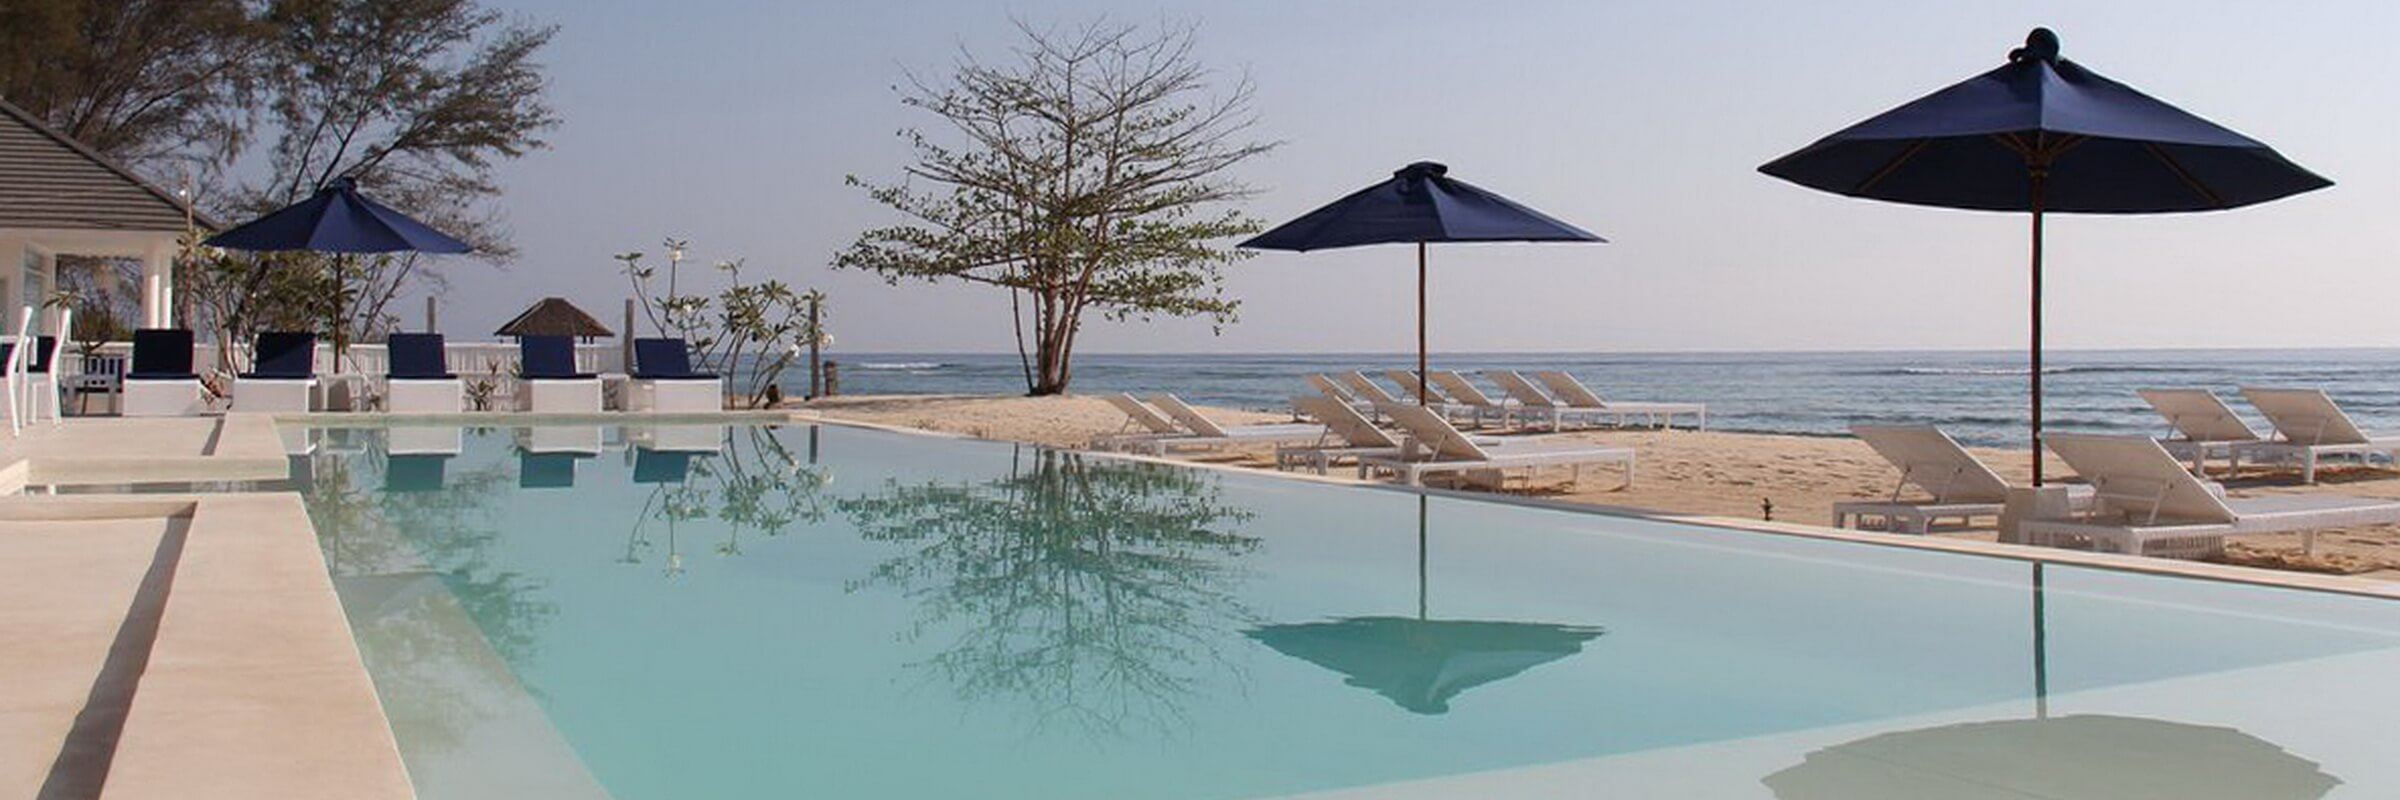 Der herrliche Swimmingpool im Seri Resort lädt zum entspannten Schwimmen und Sonnenbaden ein.